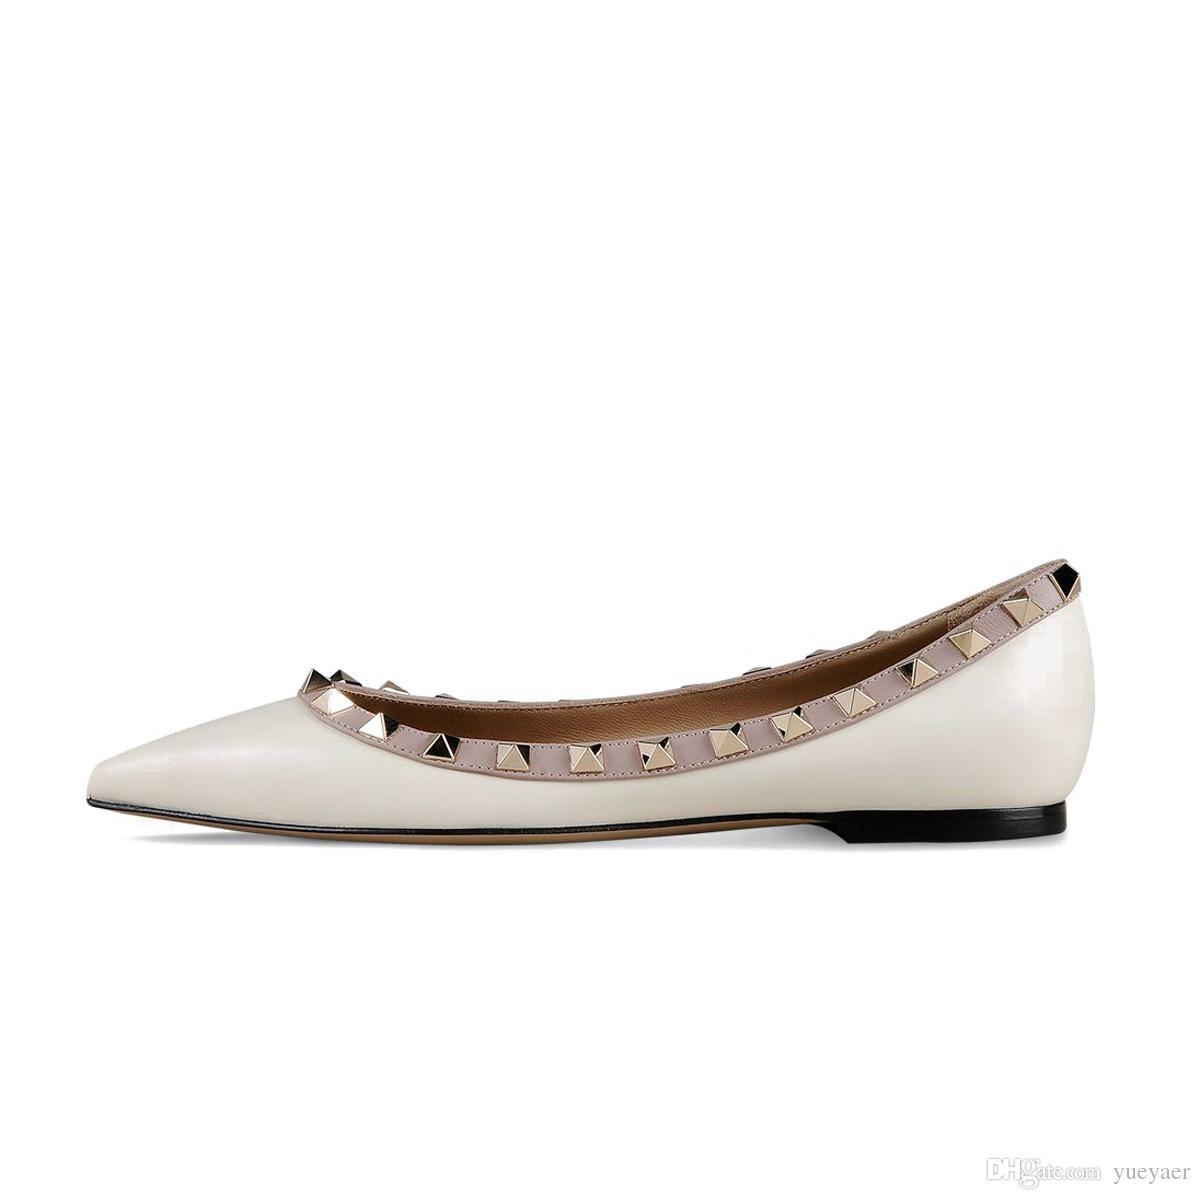 Zandina Frauen Handcrafted Fashion Ballerina Flache Schuhe Balletts Pointy Studded Slip Auf Flache Partei Pumpen Gelb